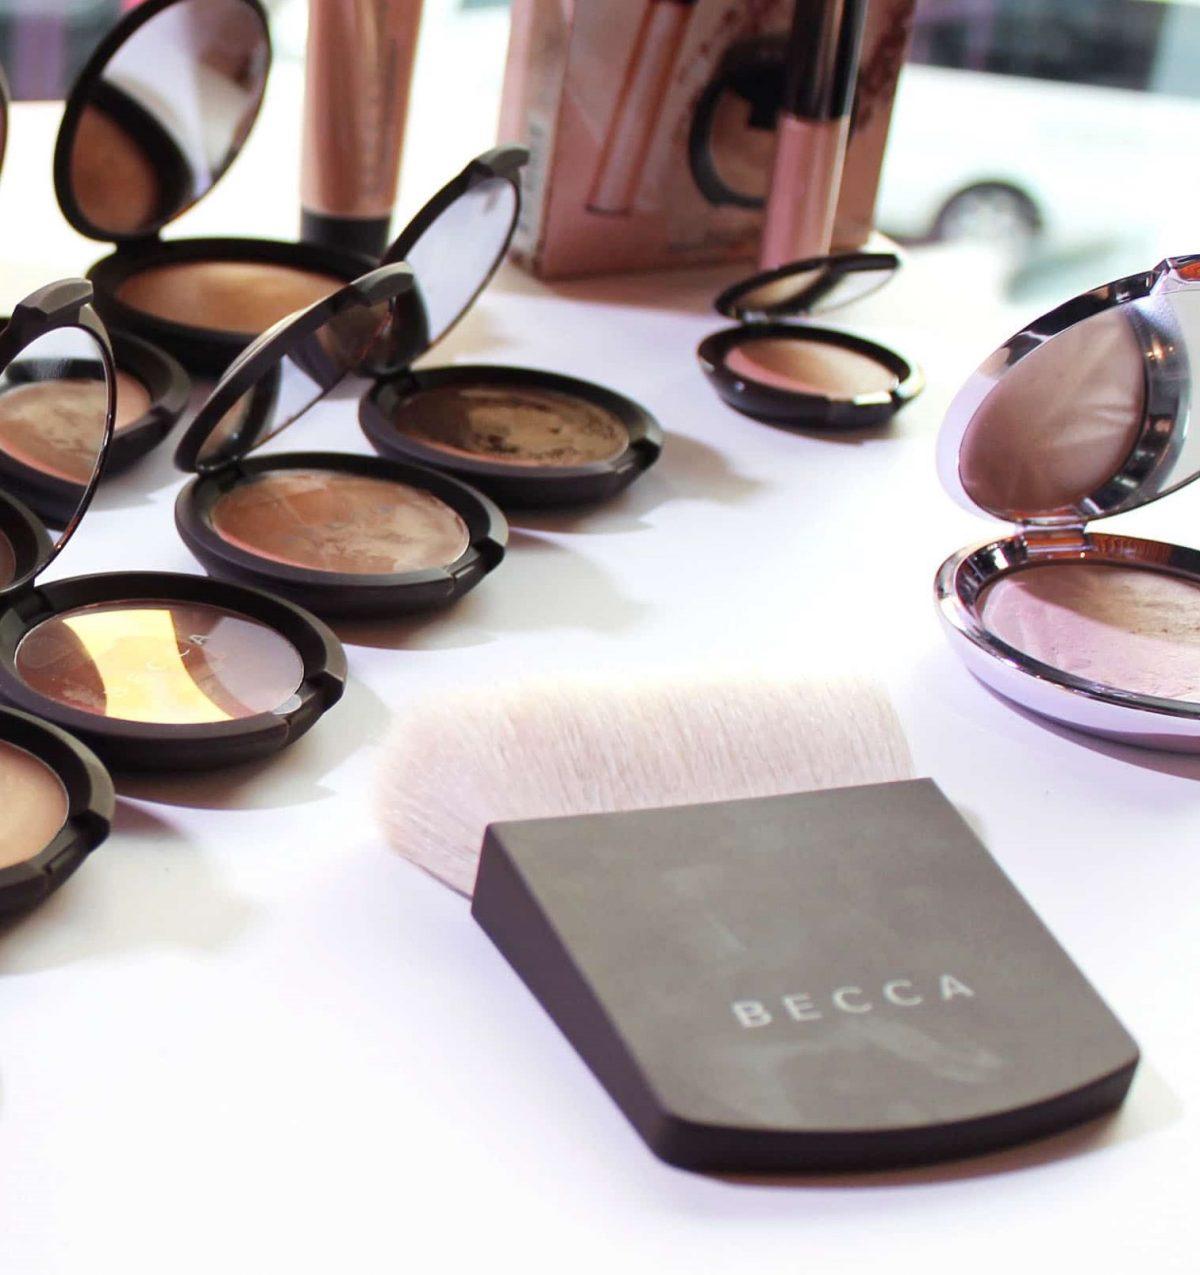 becca cosmetics chiude il brand 1512